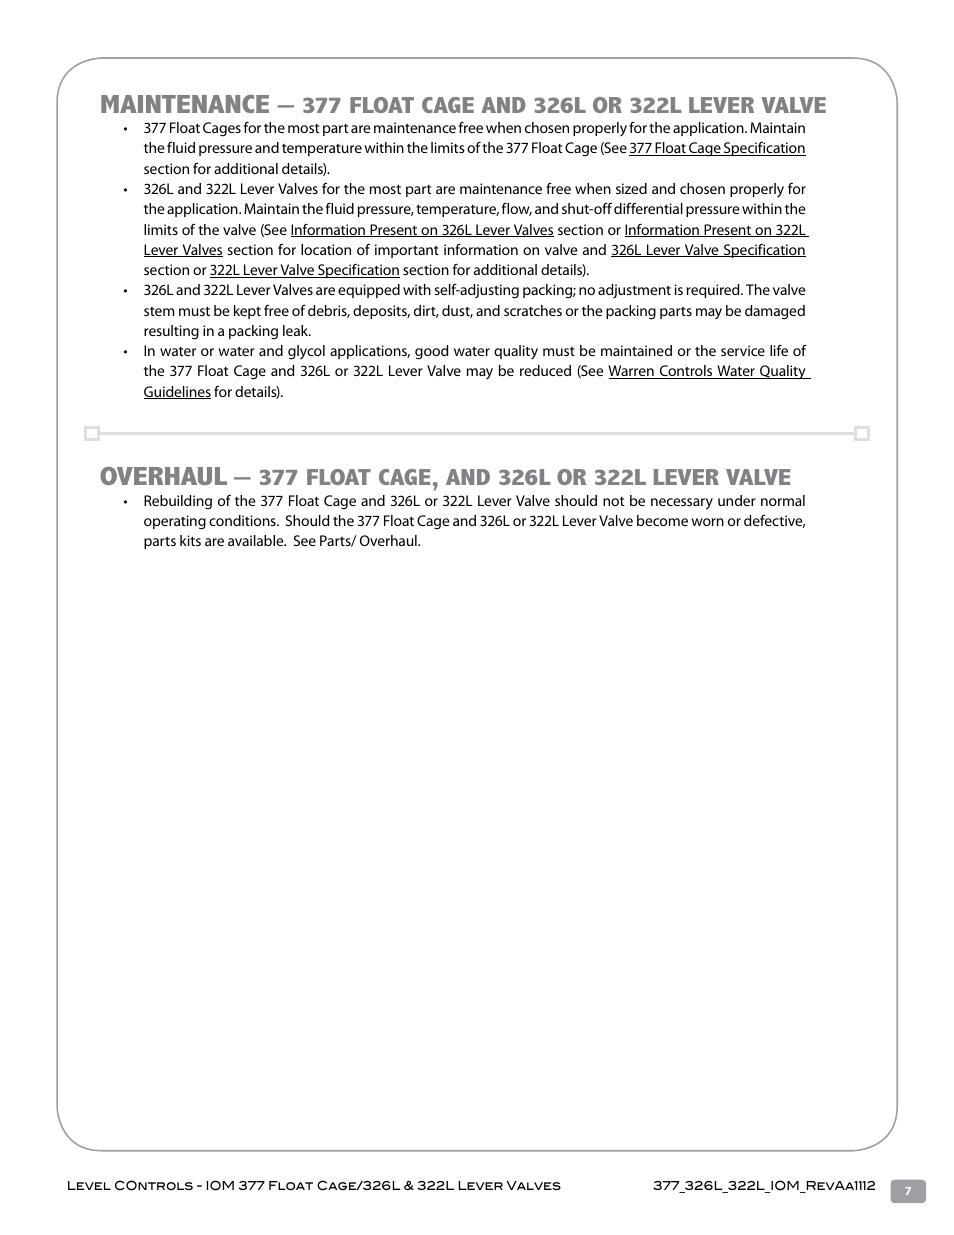 Maintenance, Overhaul | Warren Controls 377 Float Cage User